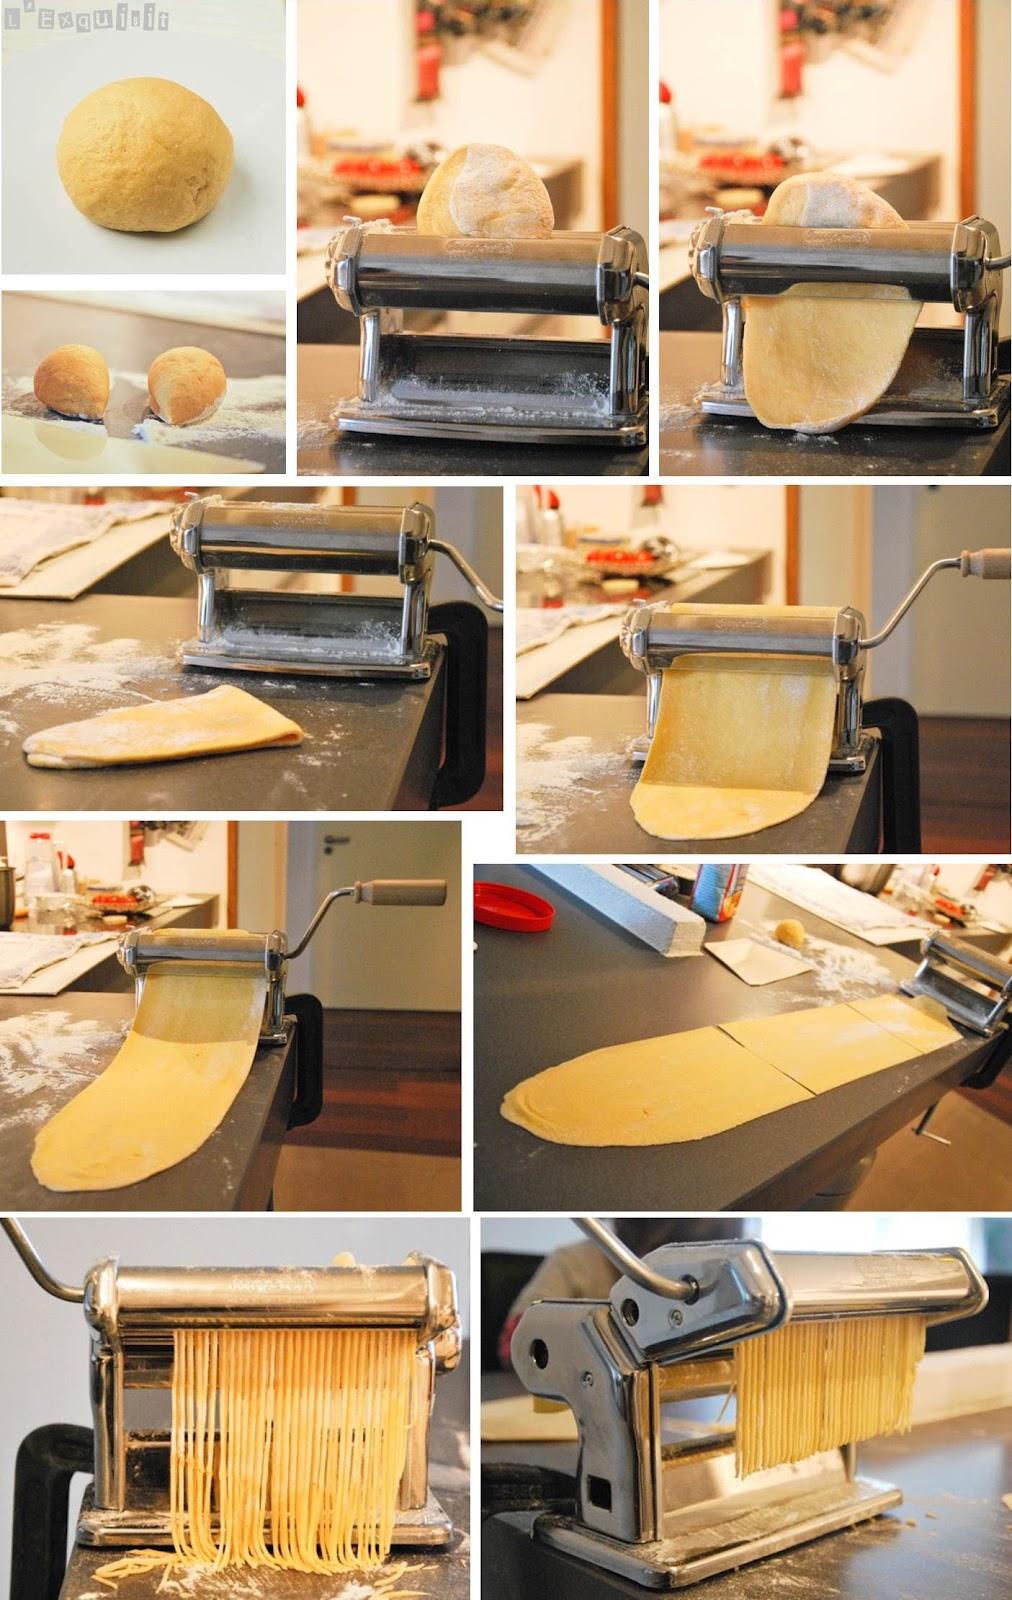 L 39 exquisit pasta fresca - Maquina para hacer pastas caseras ...